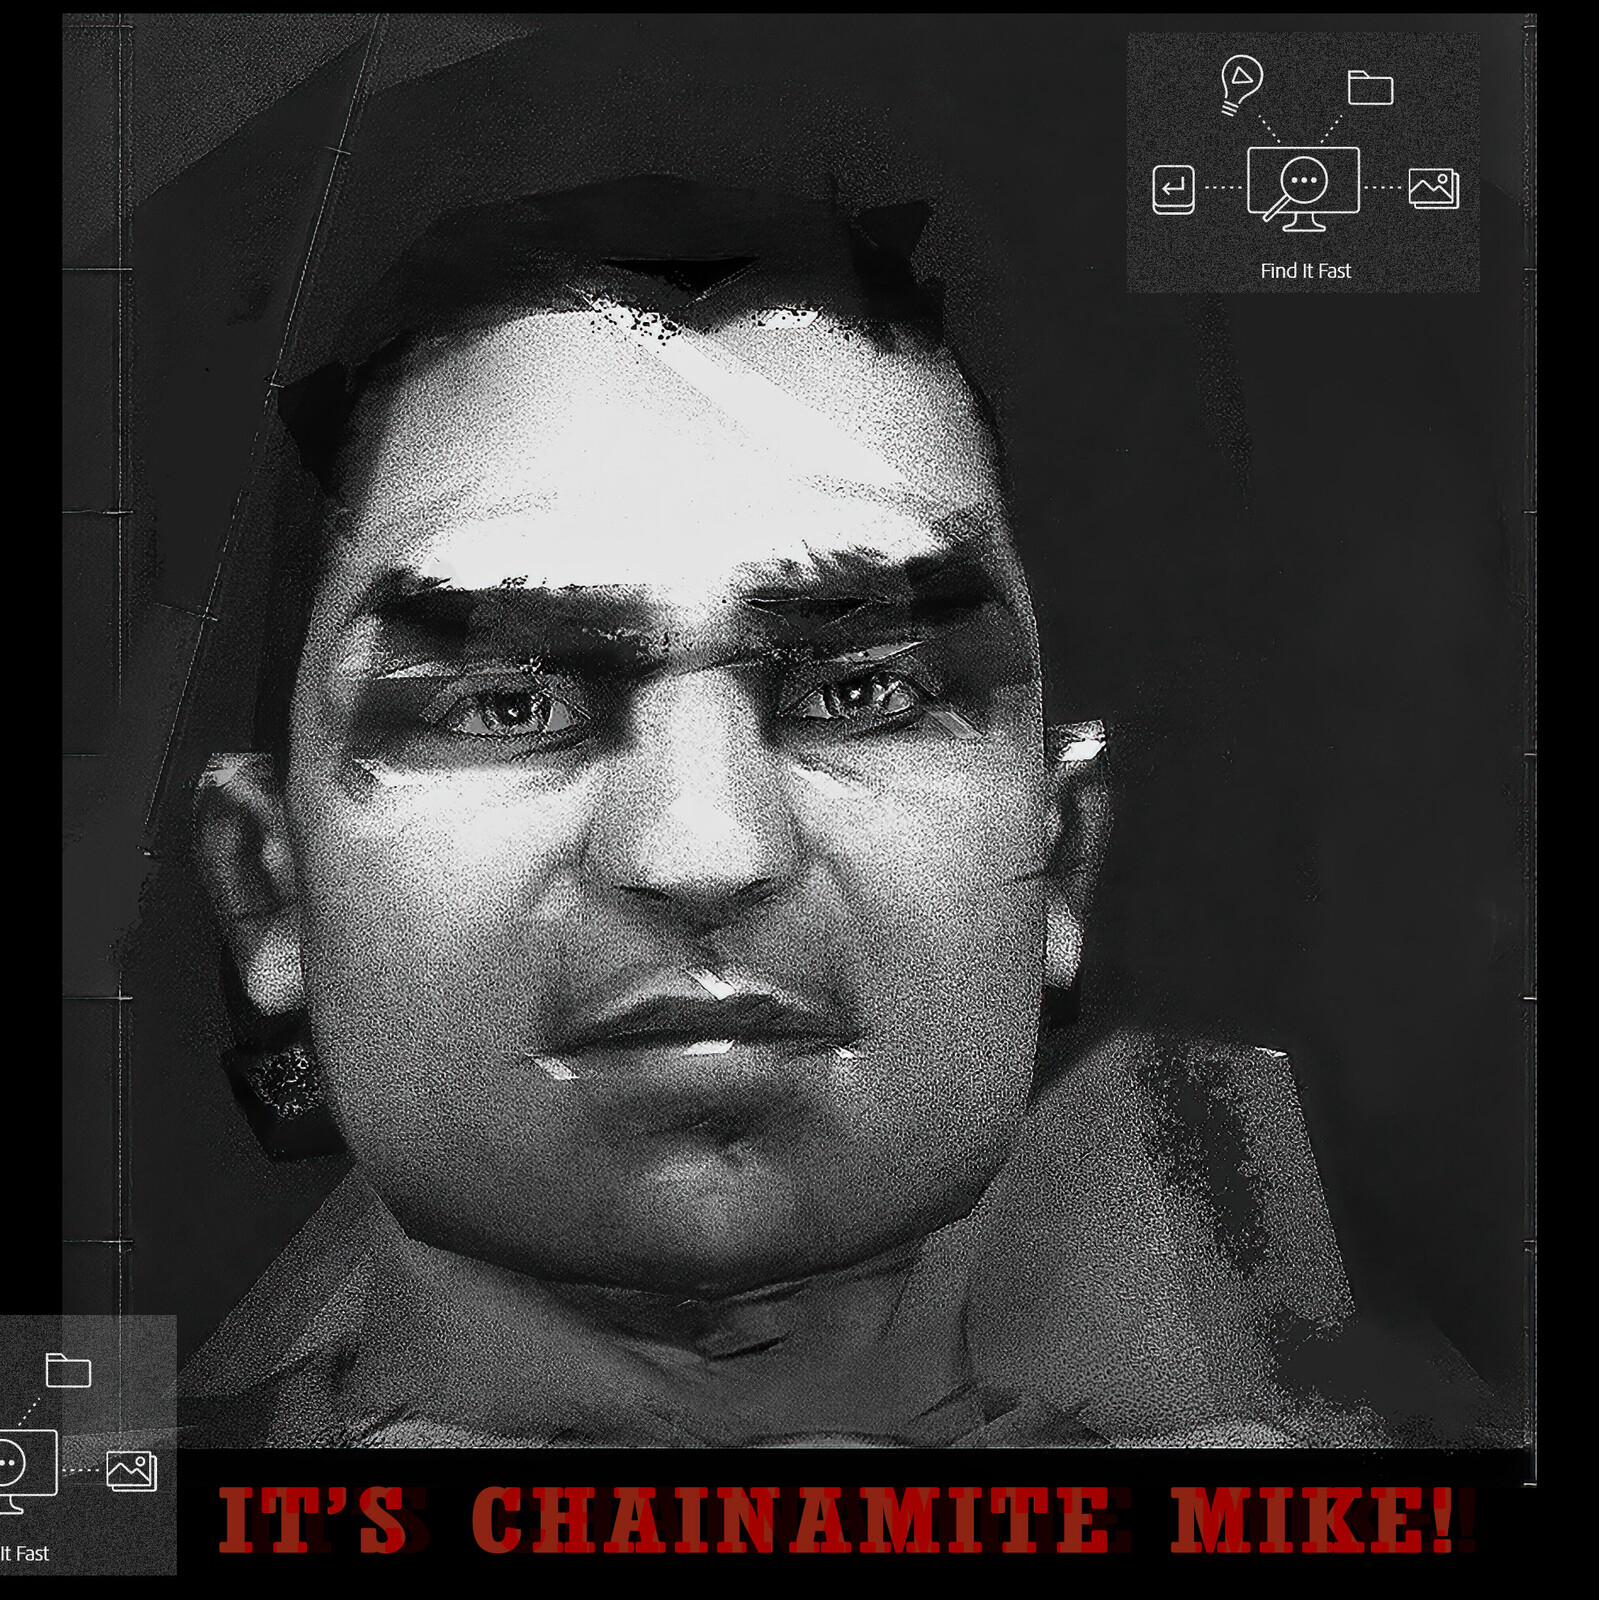 ITS CHAINAMITE MIKE!